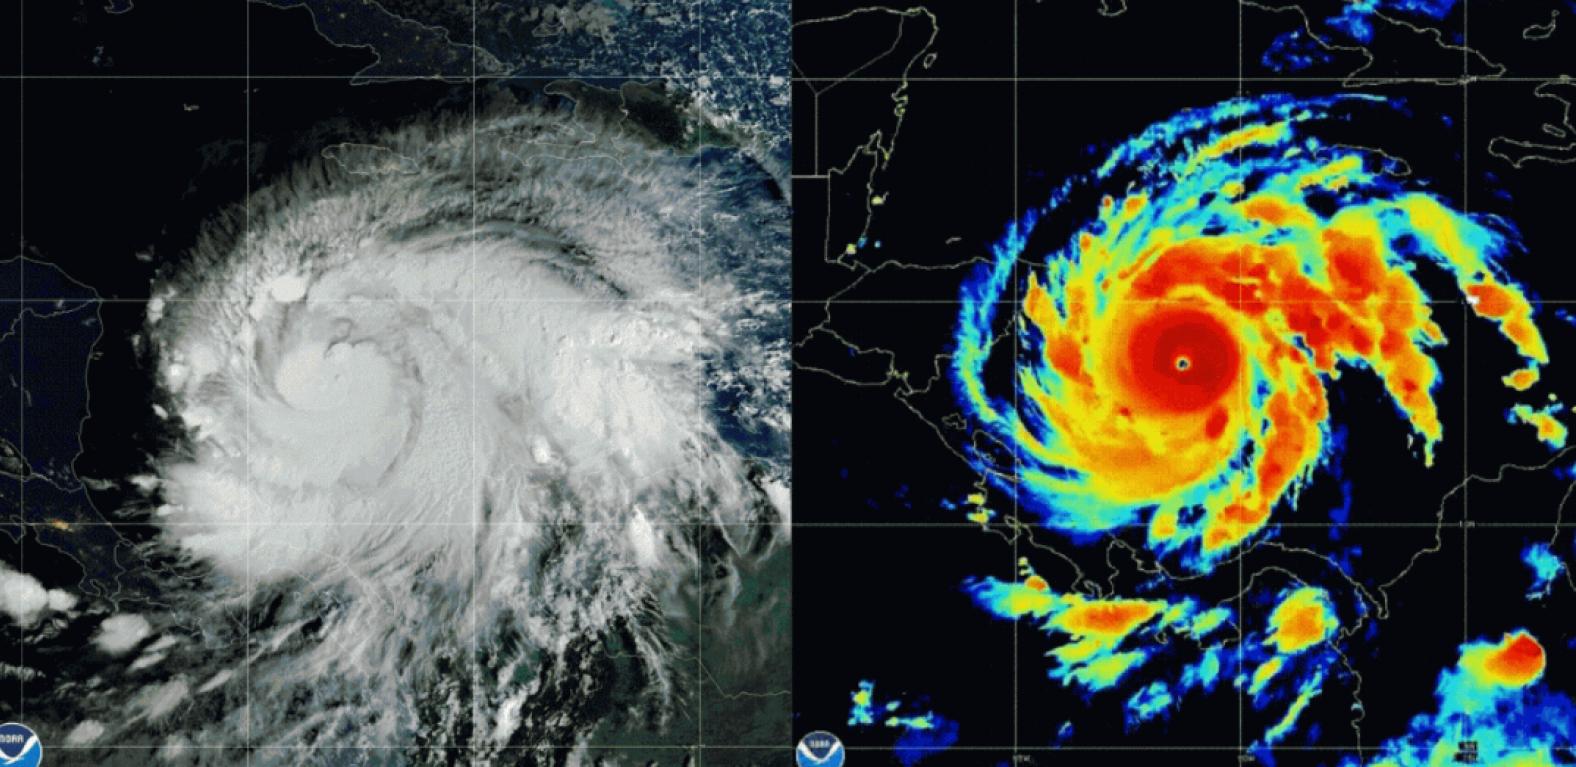 Las alertas múltiples de Estados Unidos a Colombia por el huracán Iota no  atendidas | Agencia de Periodismo Investigativo